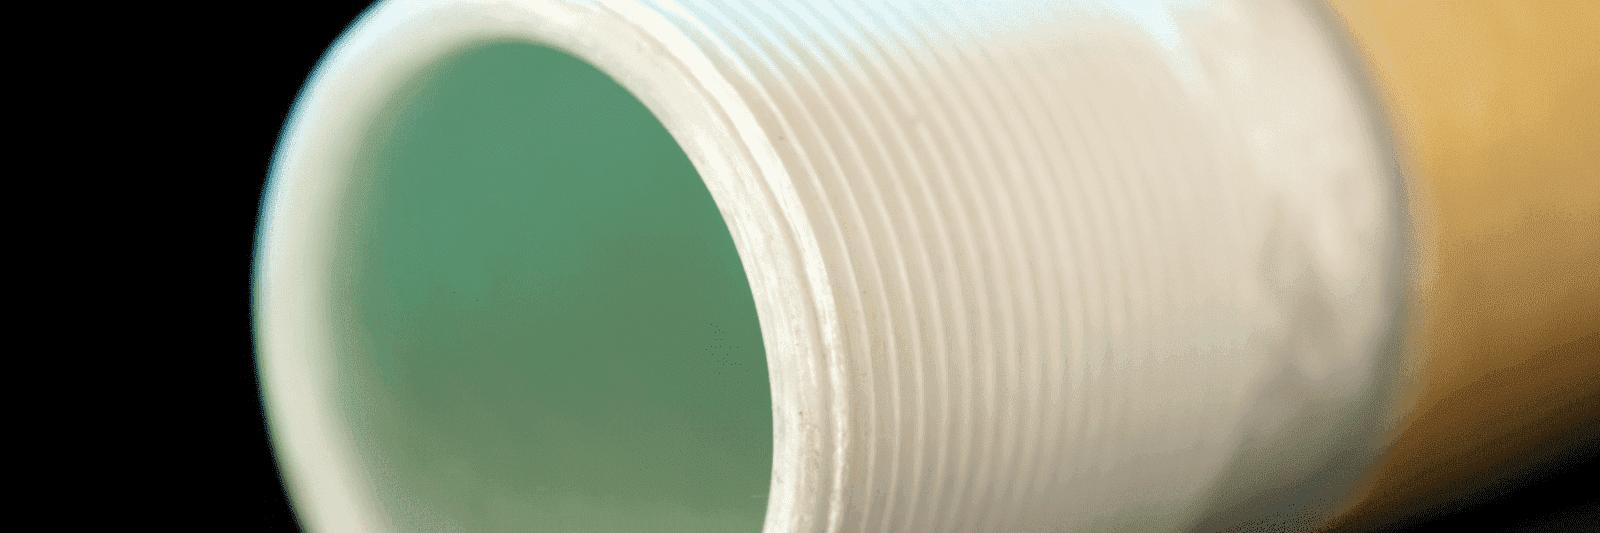 Соединение стеклопластиковых труб